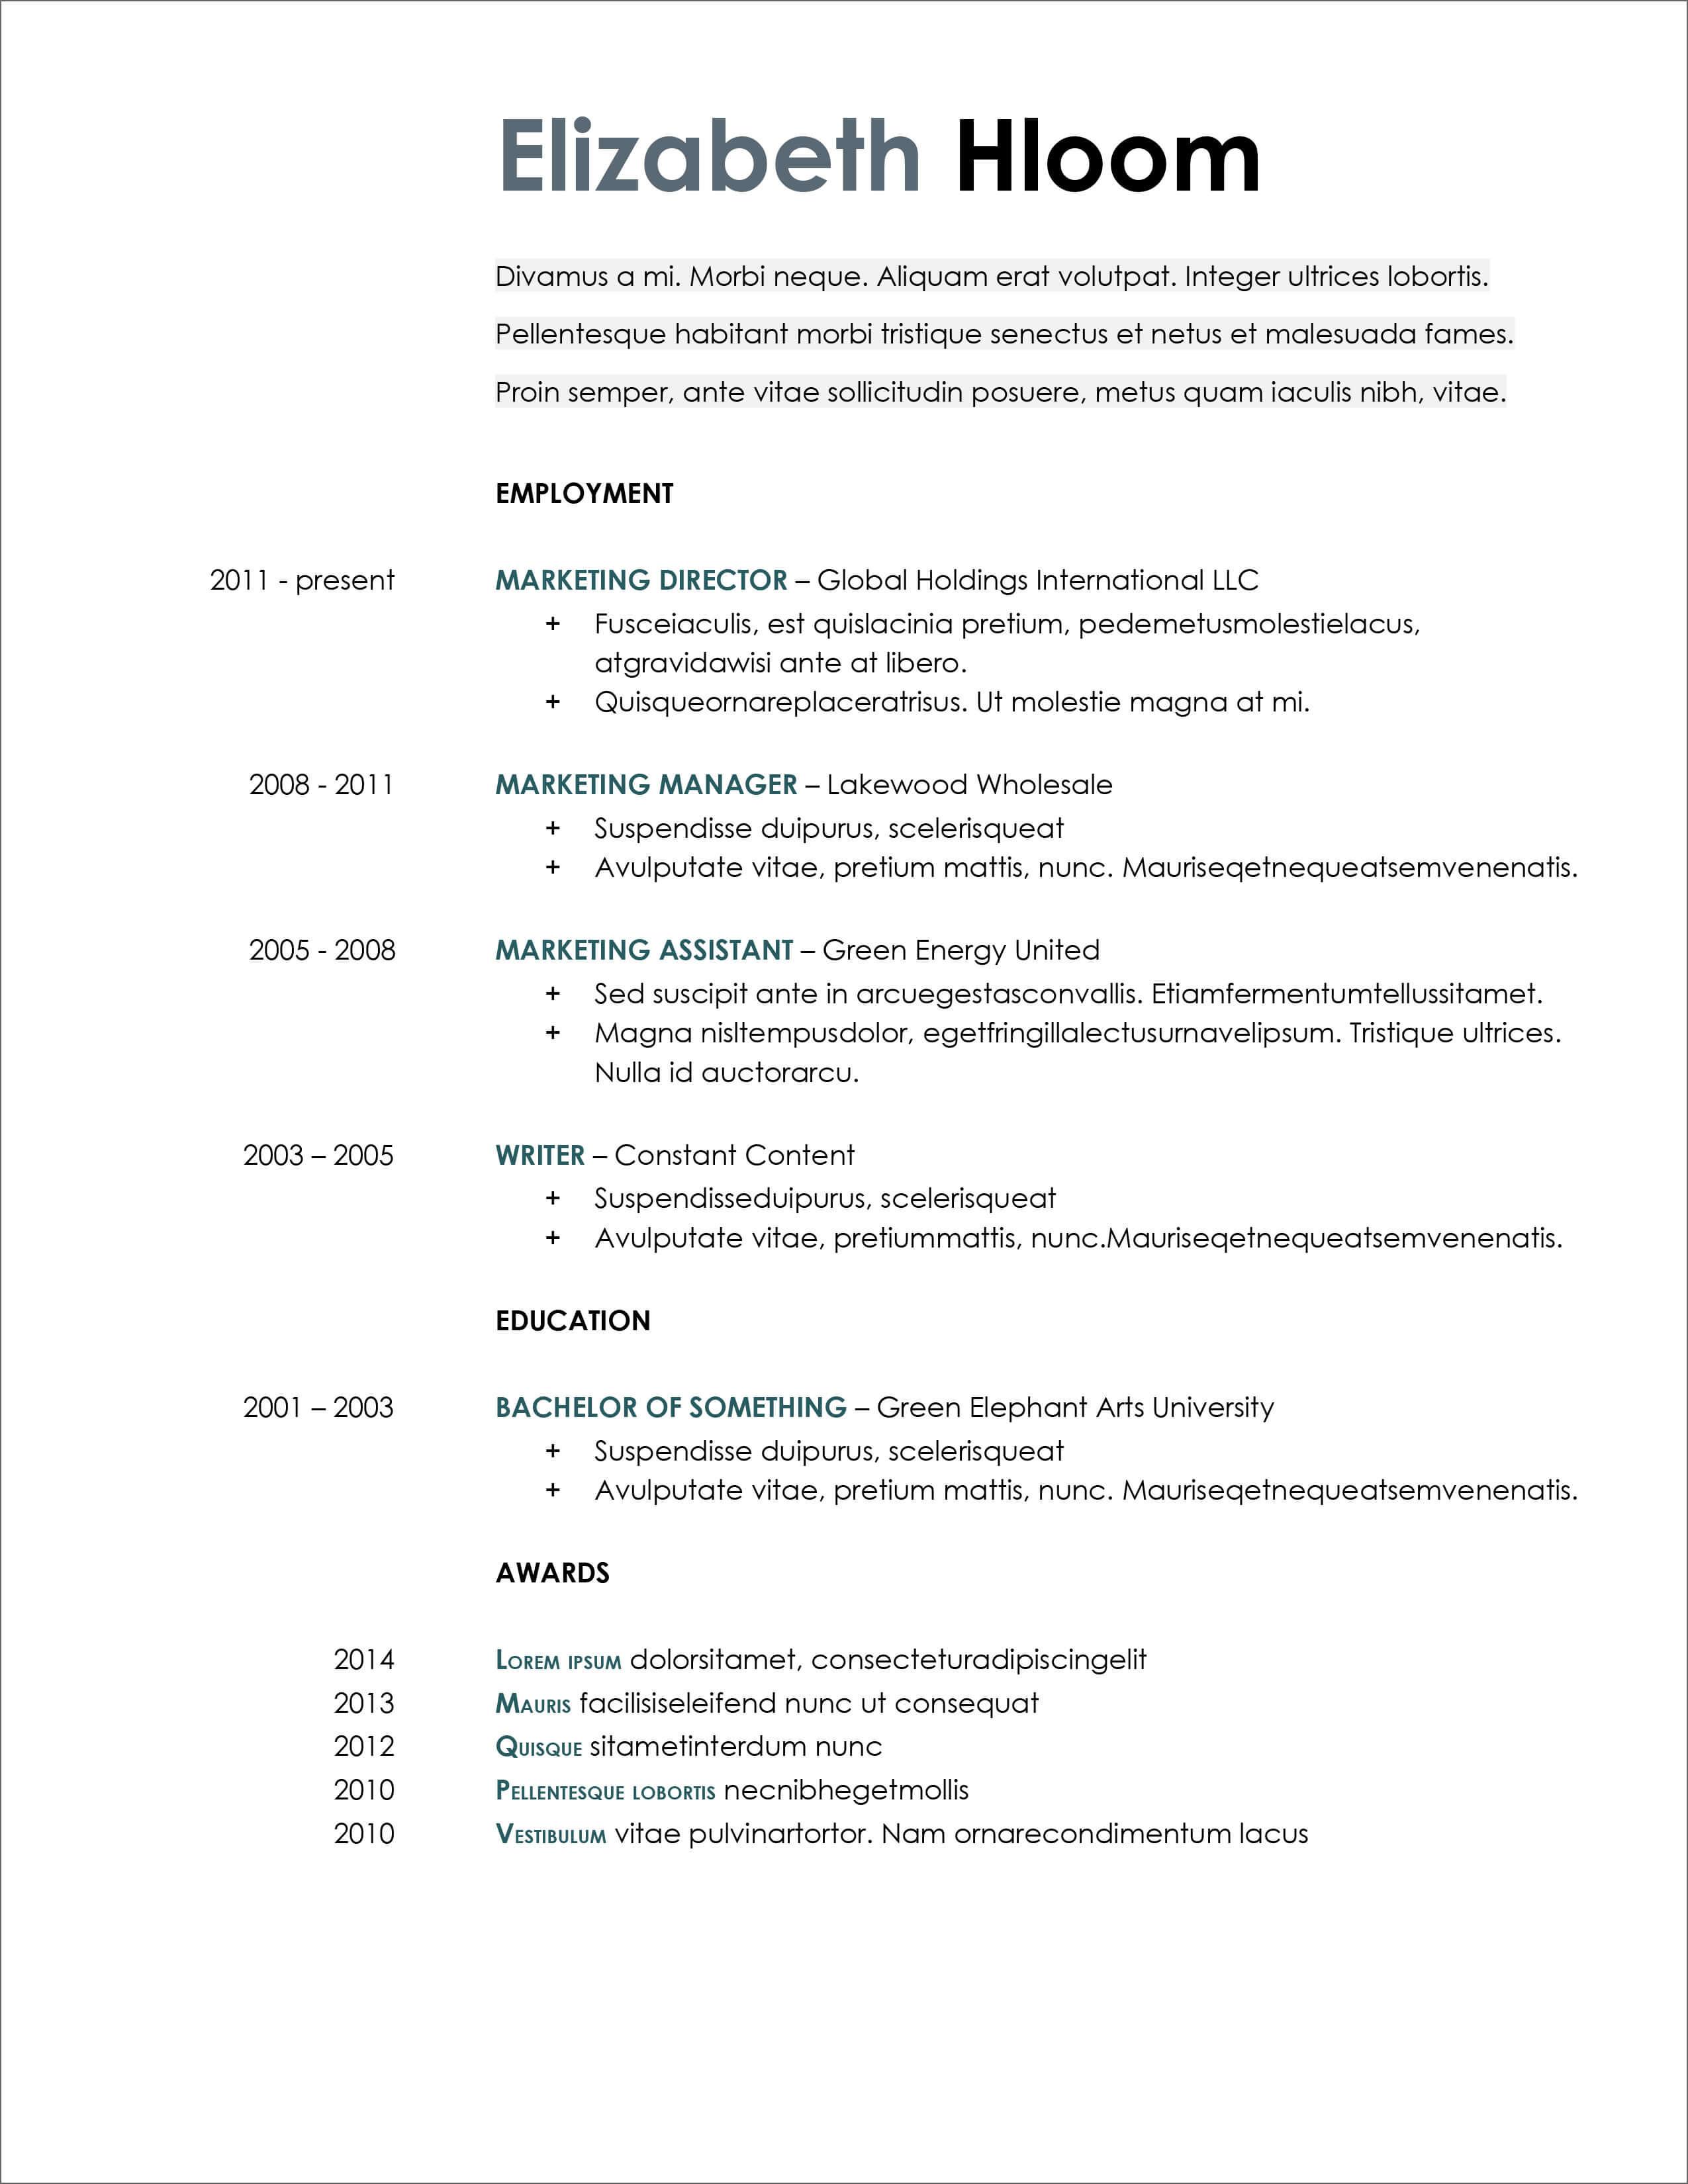 45 Free Modern Resume / Cv Templates - Minimalist, Simple ...